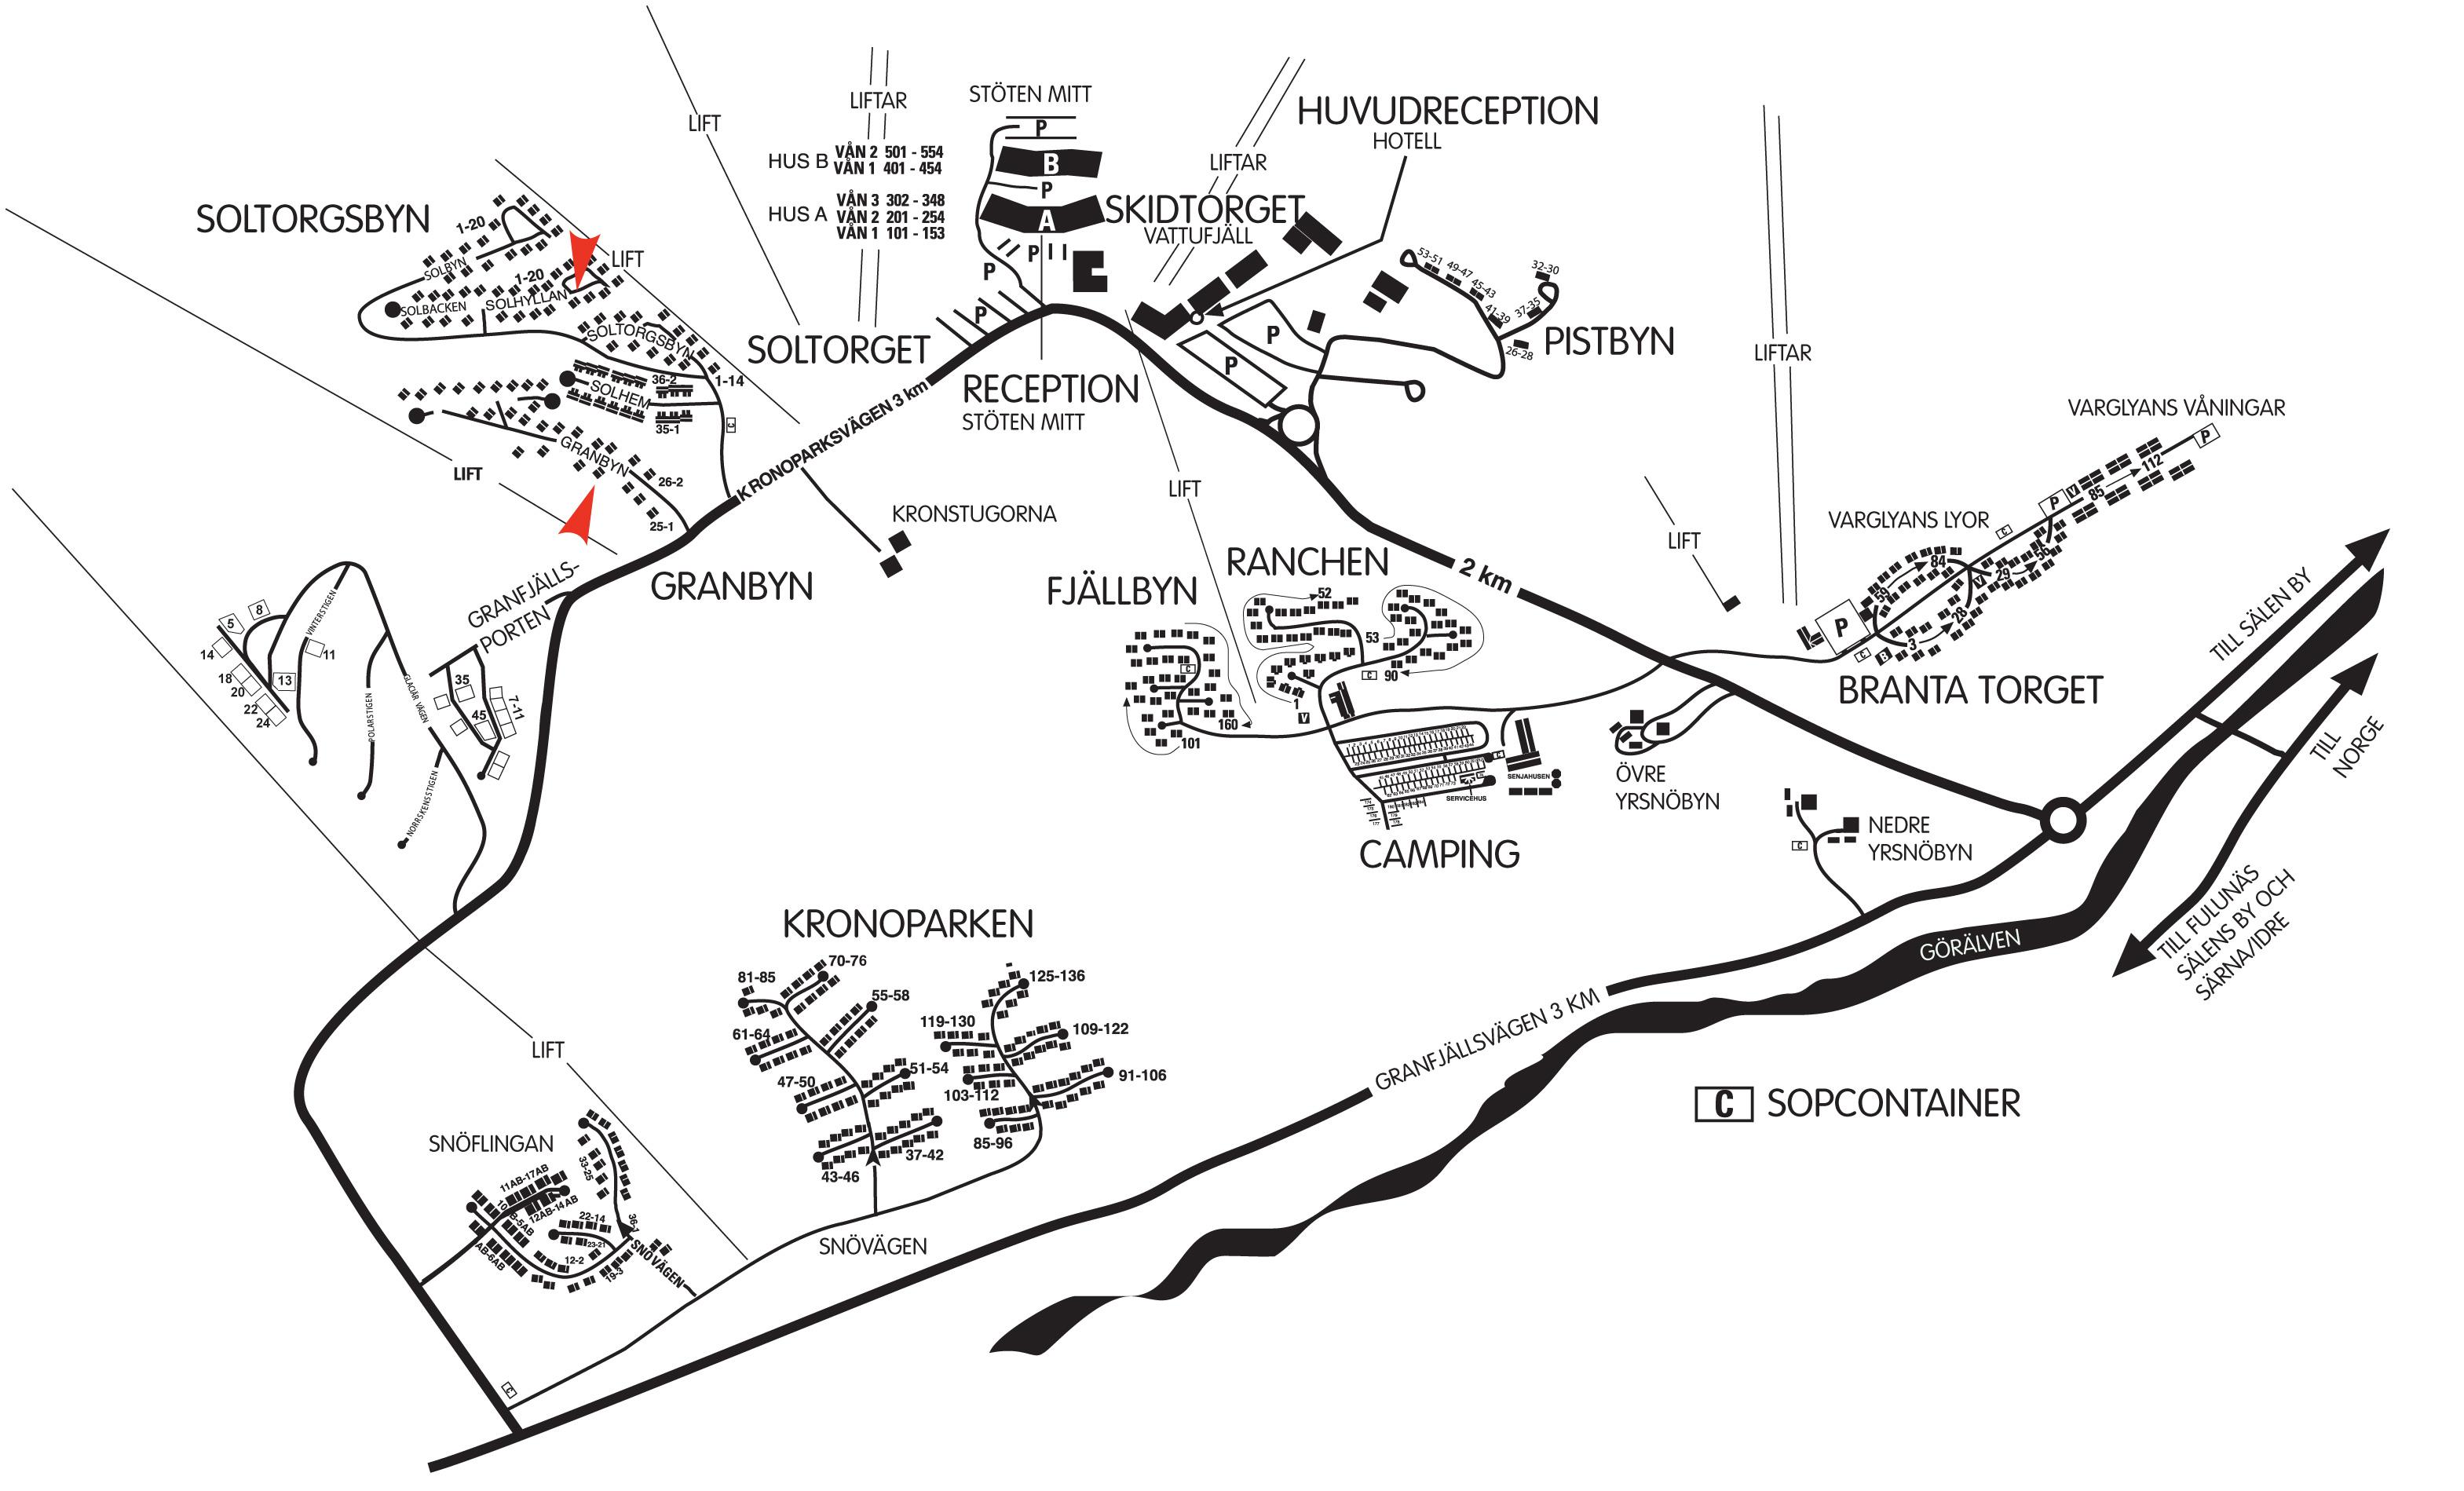 stöten karta Hitta hit   Exklusiva och prisvärda stugor i Sälens bästa skid  stöten karta